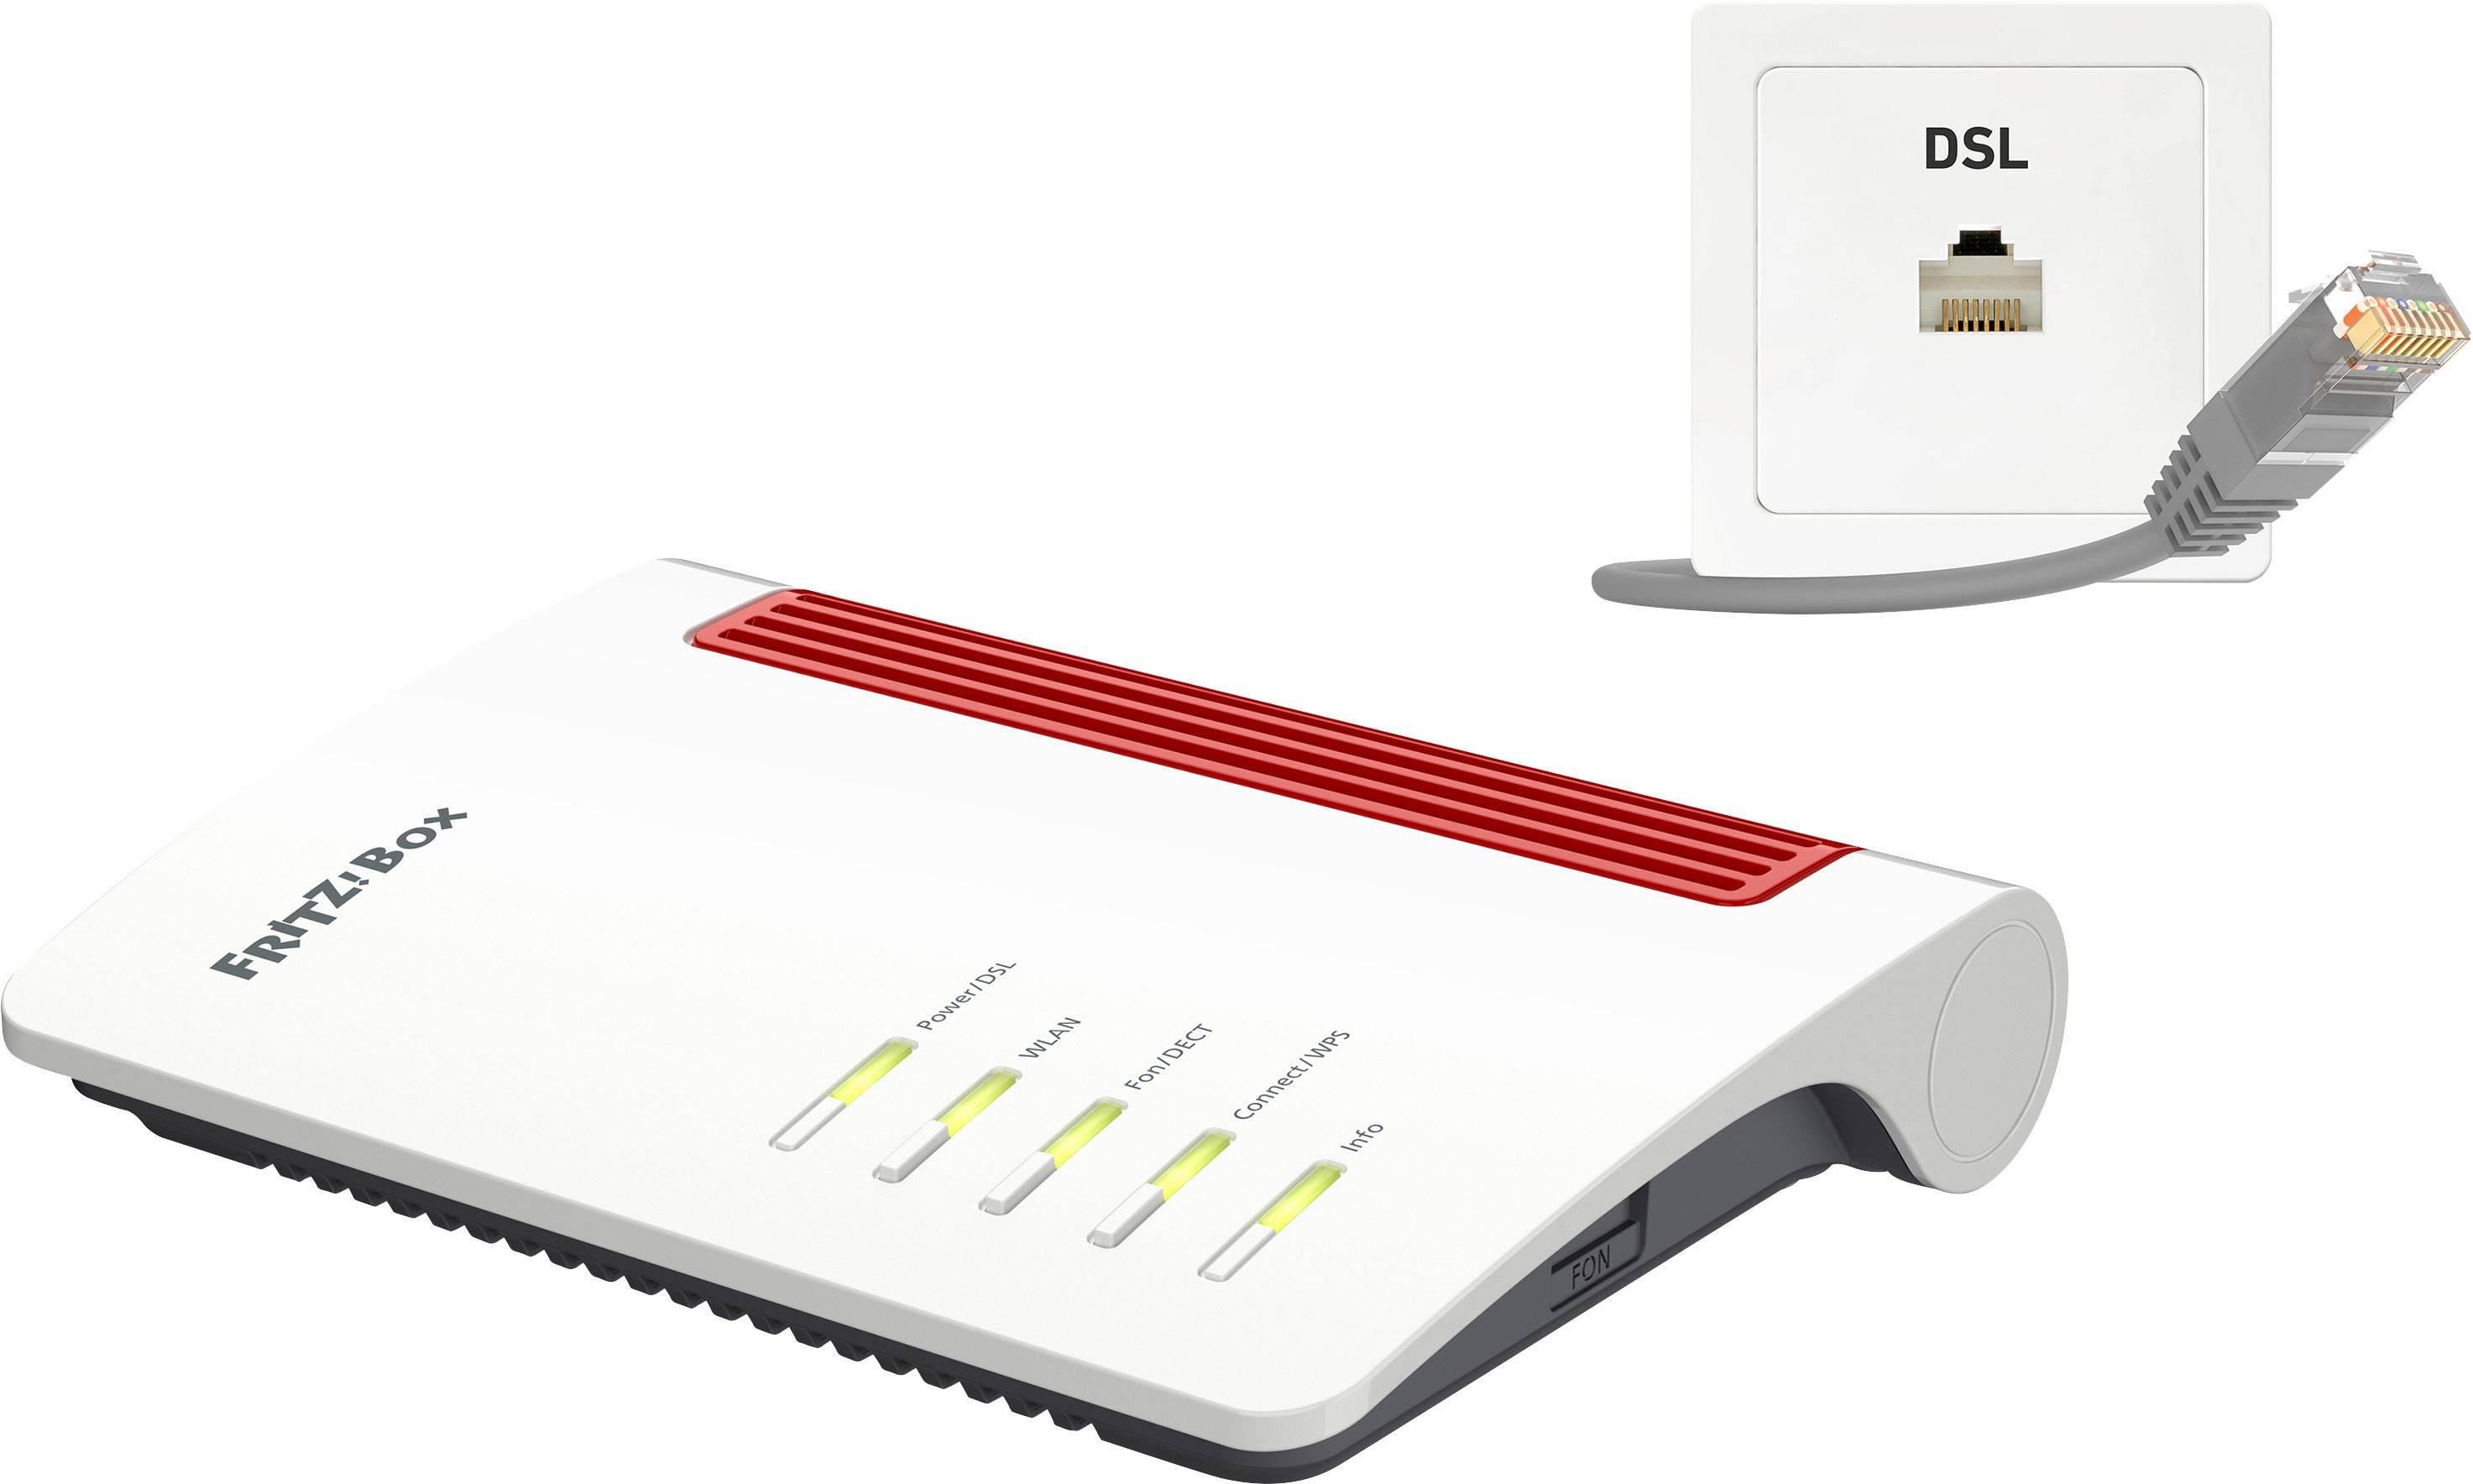 AVM FRITZBox 200 Wi Fi modem router Built in modem ADSL, VDSL 20.20 GHz, 20  GHz 200 Mbps